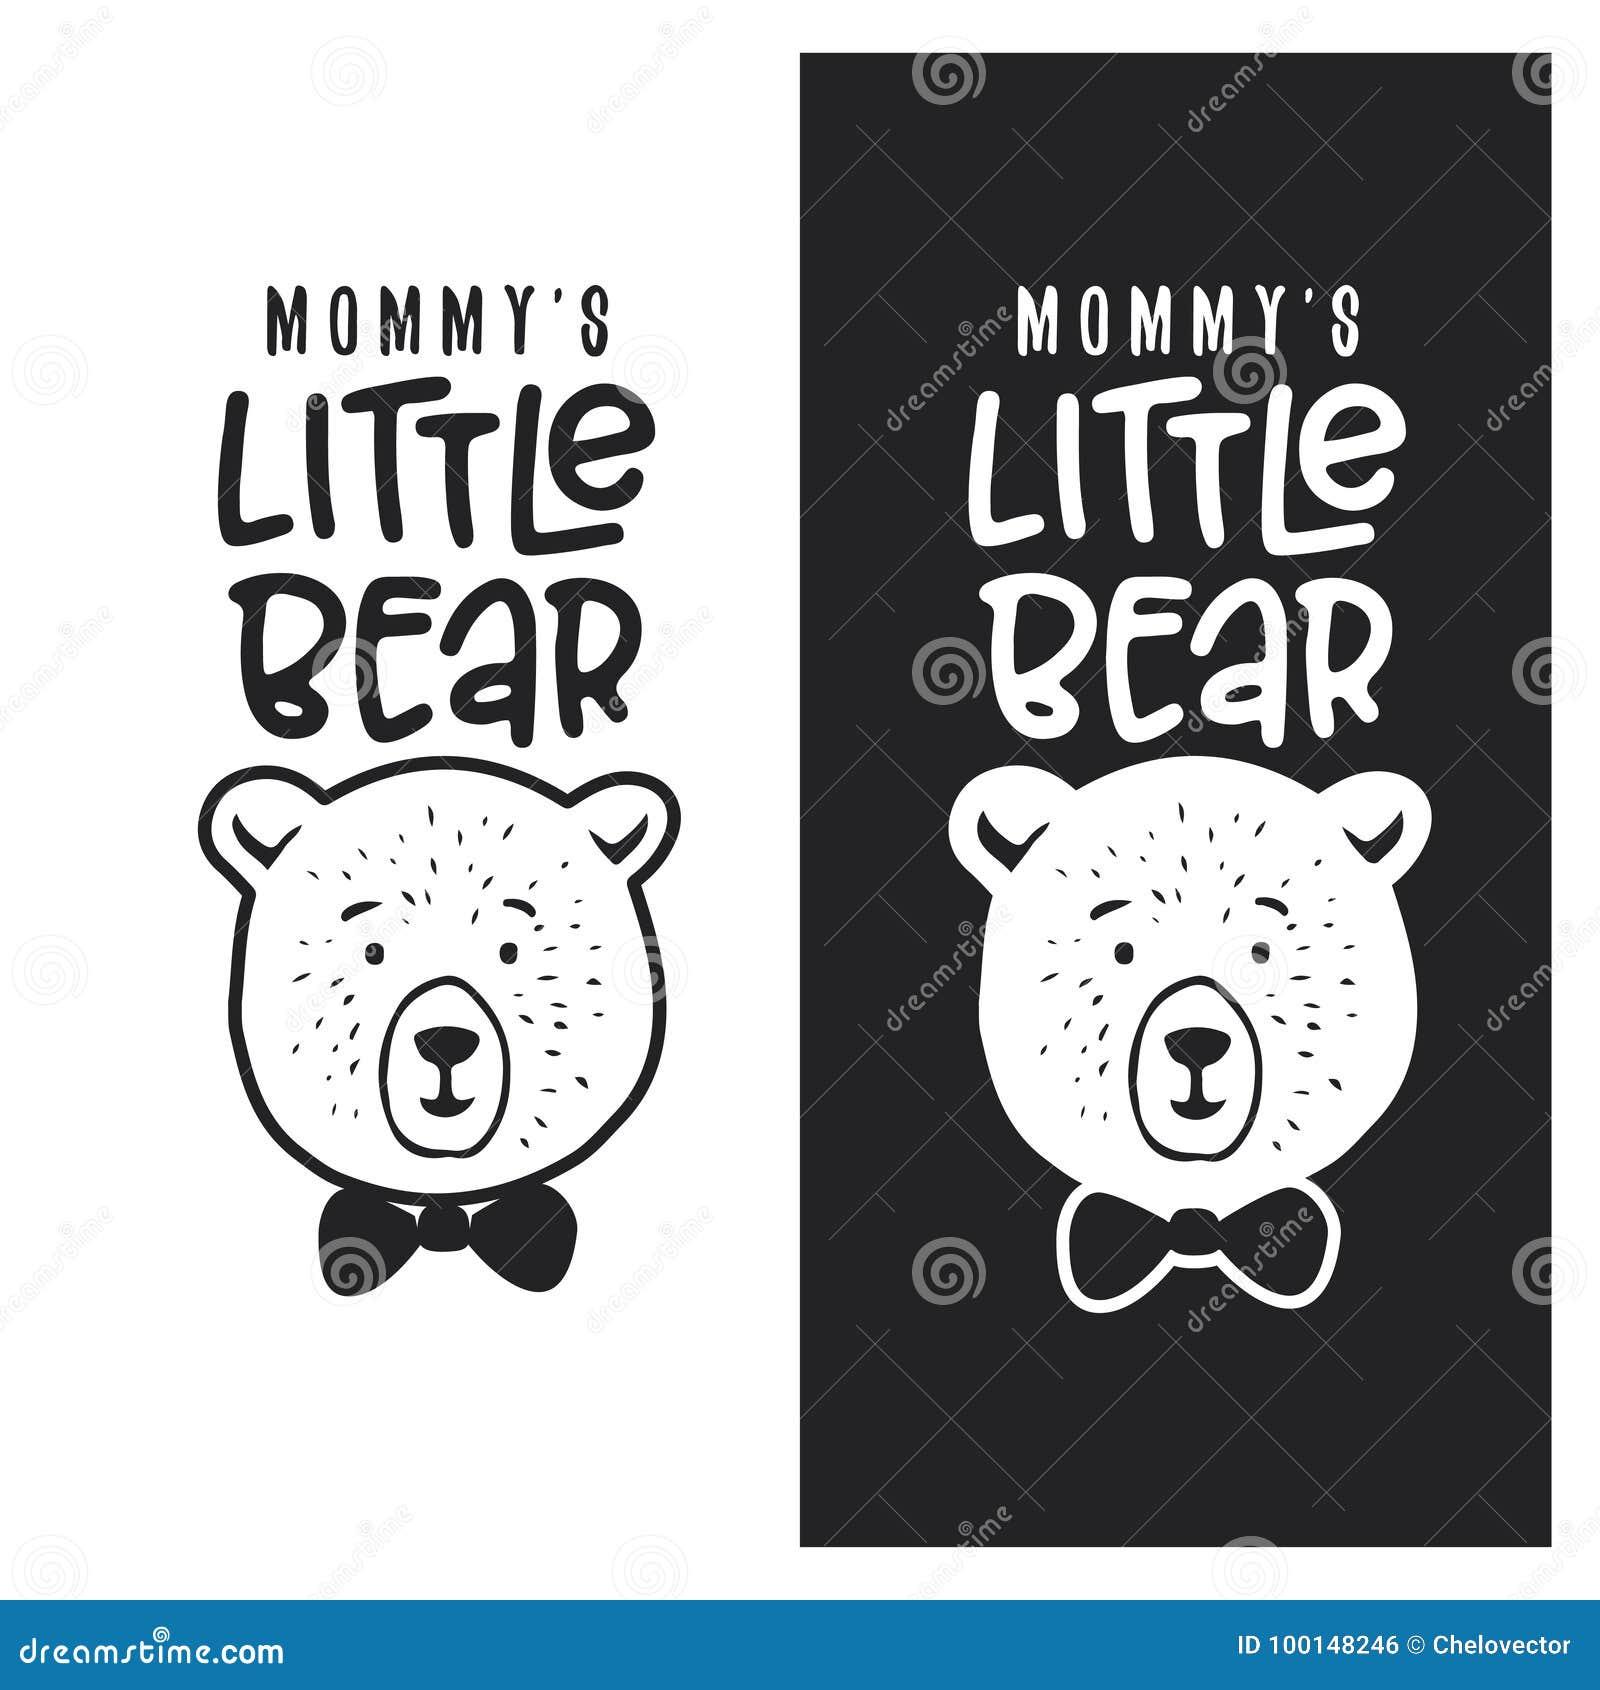 Mommy little bear kid clothes design. Vector vintage illustration.